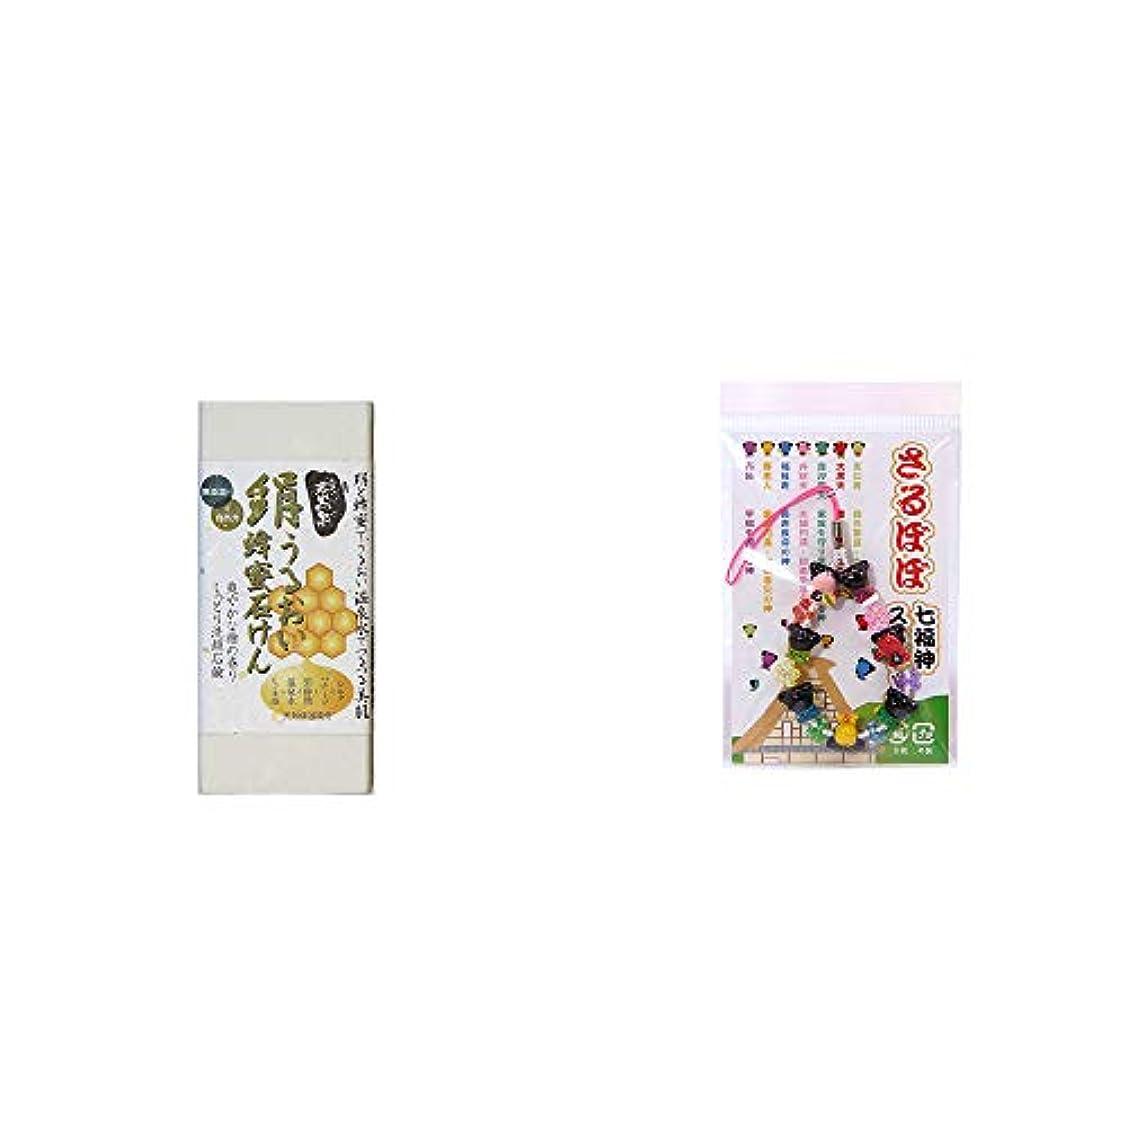 楽観ネスト五月[2点セット] ひのき炭黒泉 絹うるおい蜂蜜石けん(75g×2)?さるぼぼ七福神ストラップ/縁結び?魔除け //